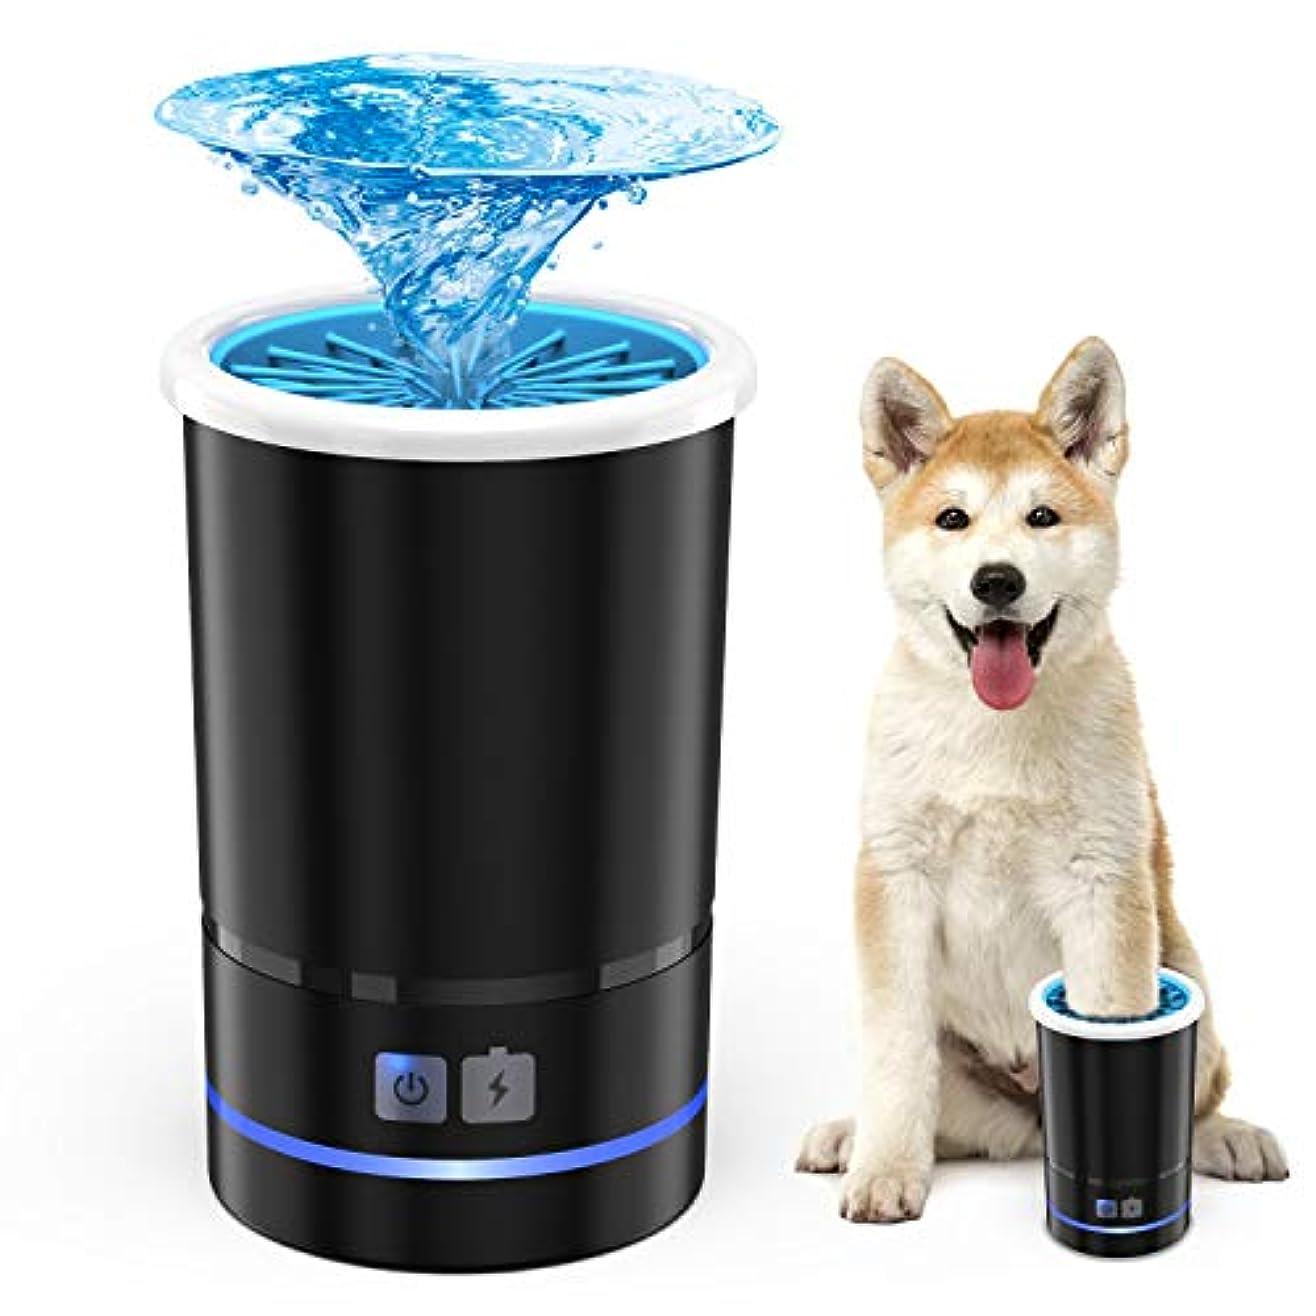 交流する印象首謀者Akcra 犬 足洗いカップ クリーナー 自動式 電池内蔵 充電式 シリコーンブラシ 洗浄力抜群 柔軟 マッサージ効果 節水 持ち運び便利 安心安全 小型 中型犬に適用 12ヶ月保証